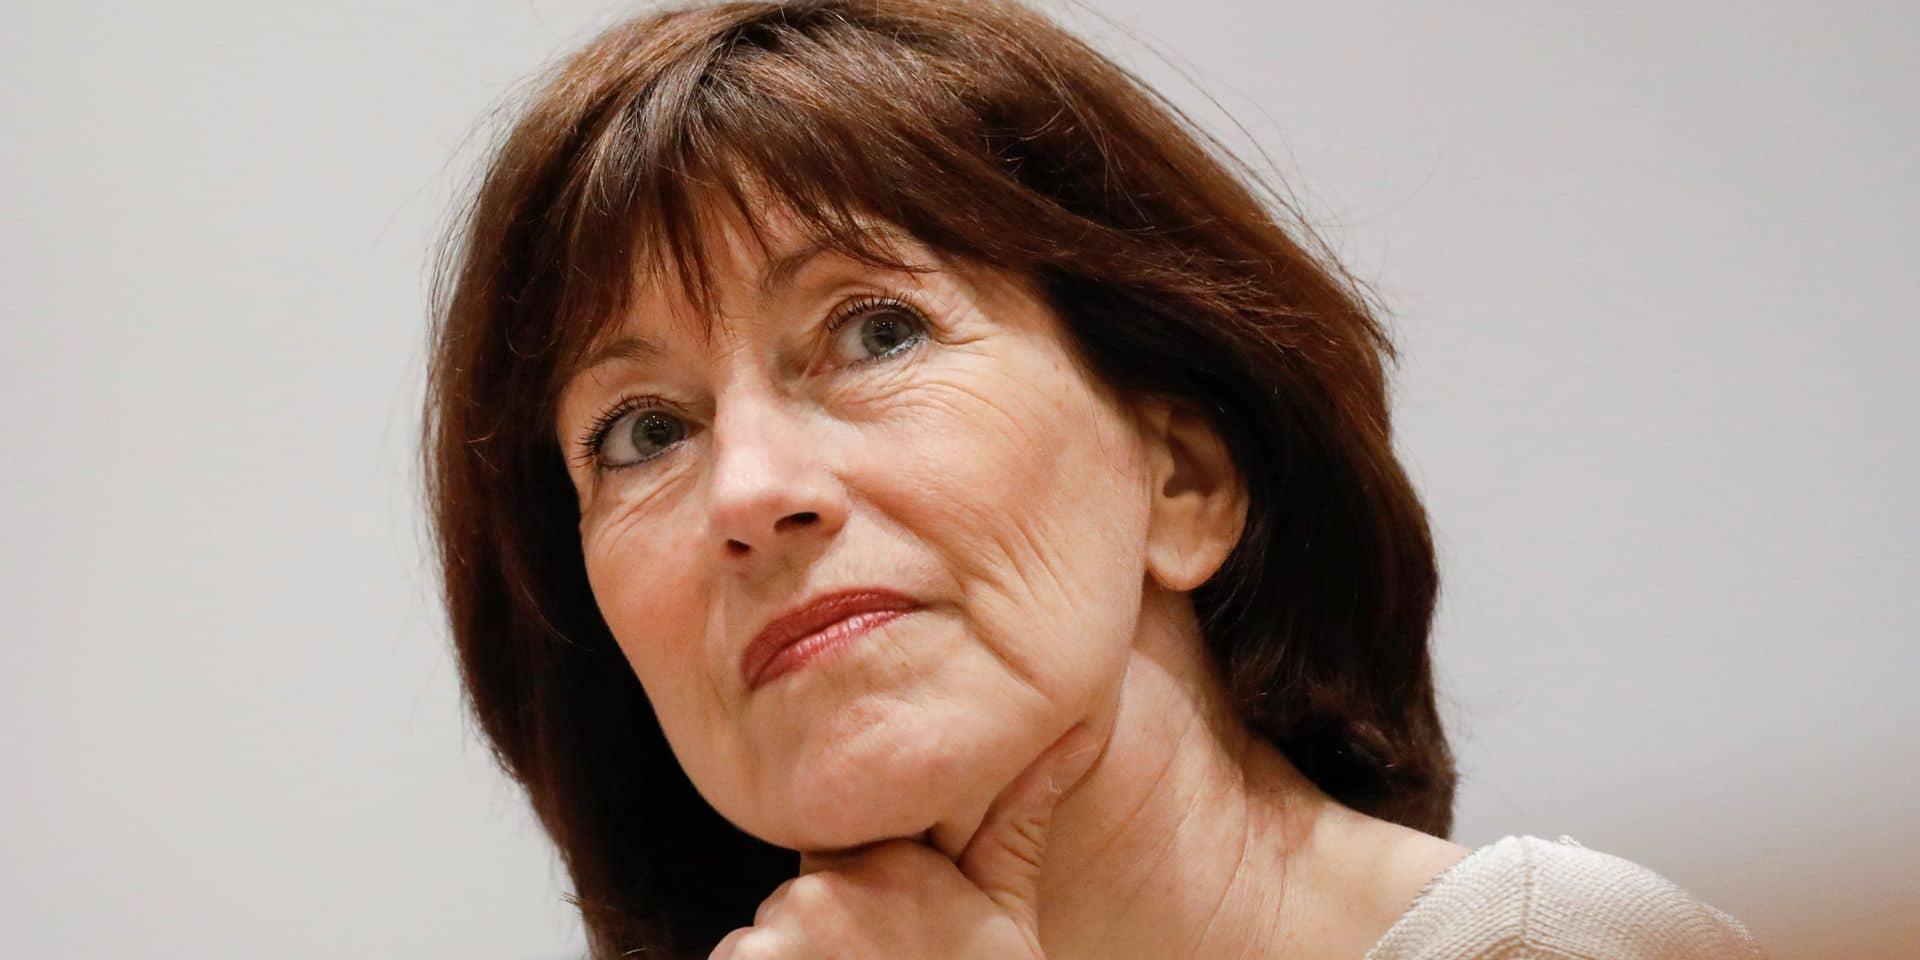 Laurette Onkelinx sur LN24: faites ce que je dis, pas ce que je fais